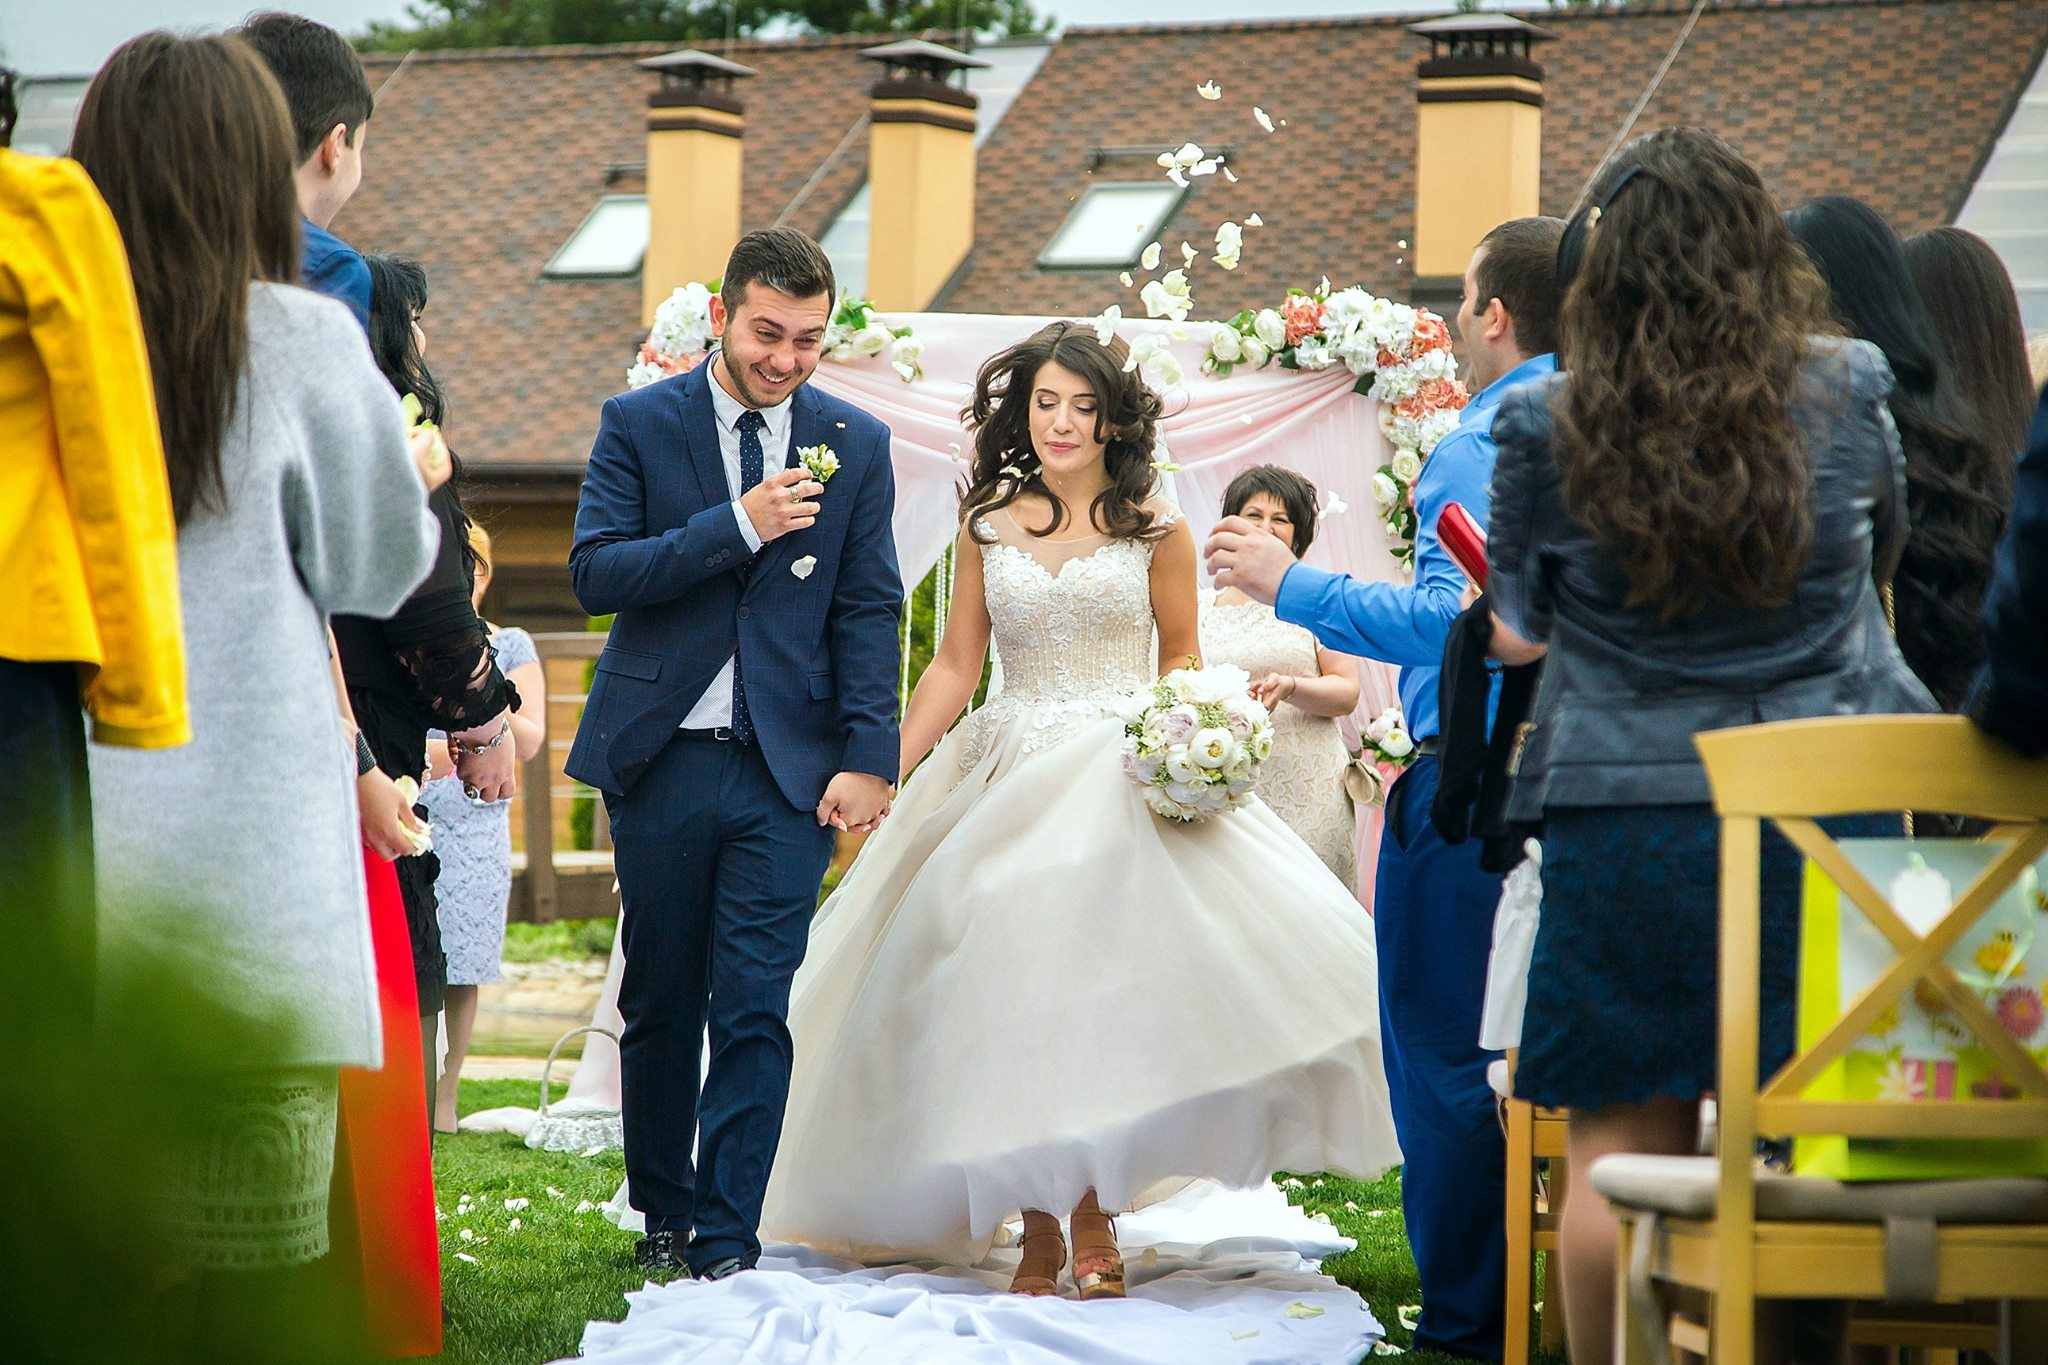 RPff765JG8A - Как сократить бюджет свадьбы